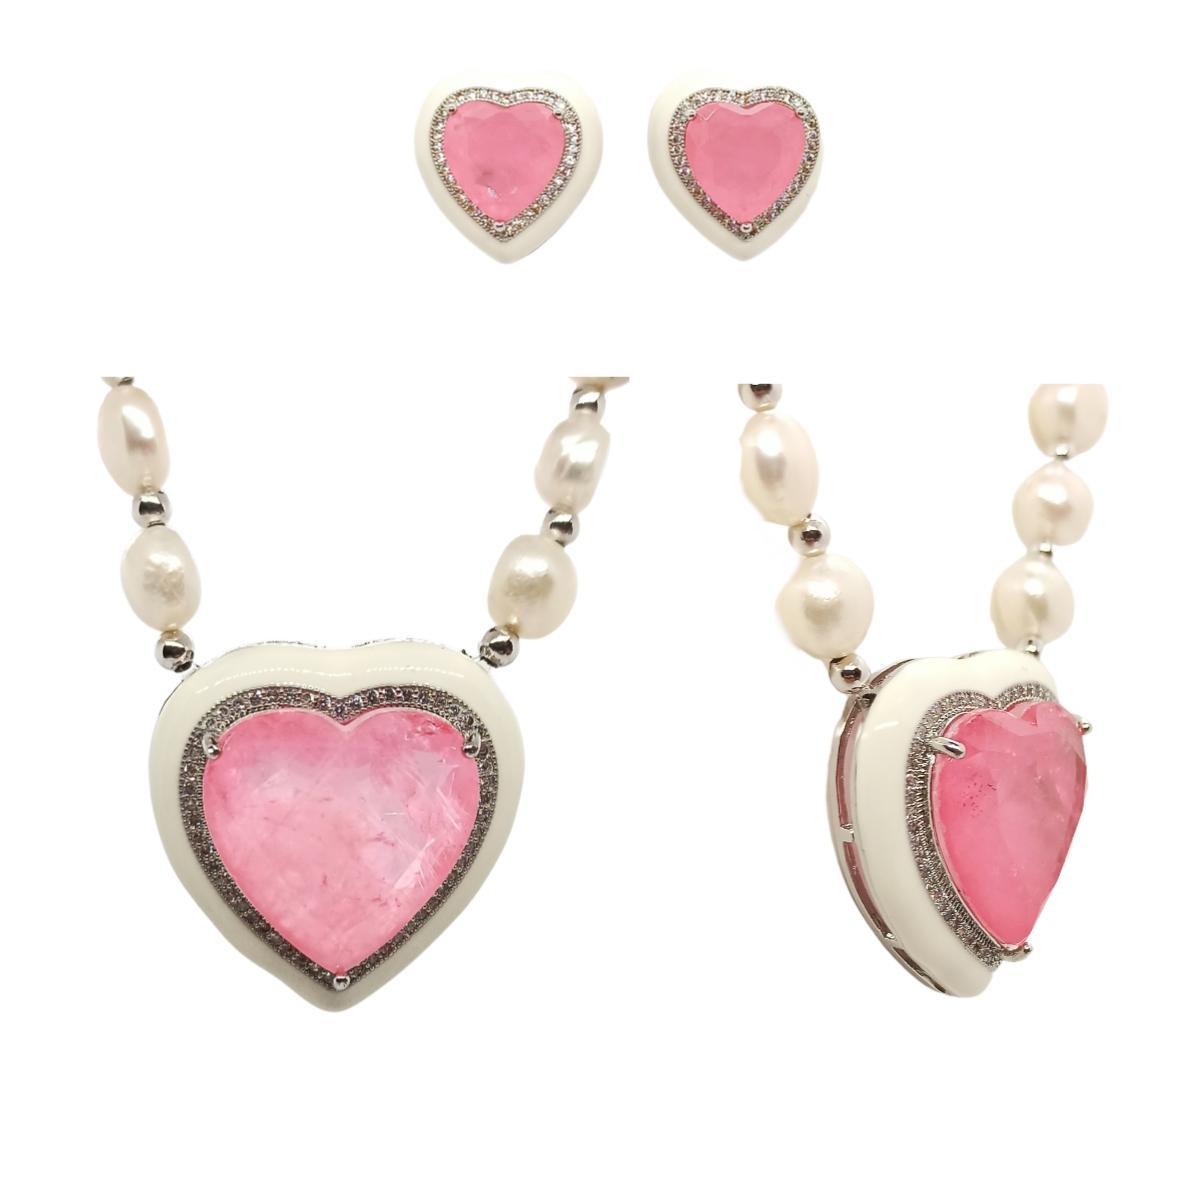 Conjunto Coração Esmaltado Branco, Pedra Pink Fusion Premium, Colar em Pérolas Naturais.